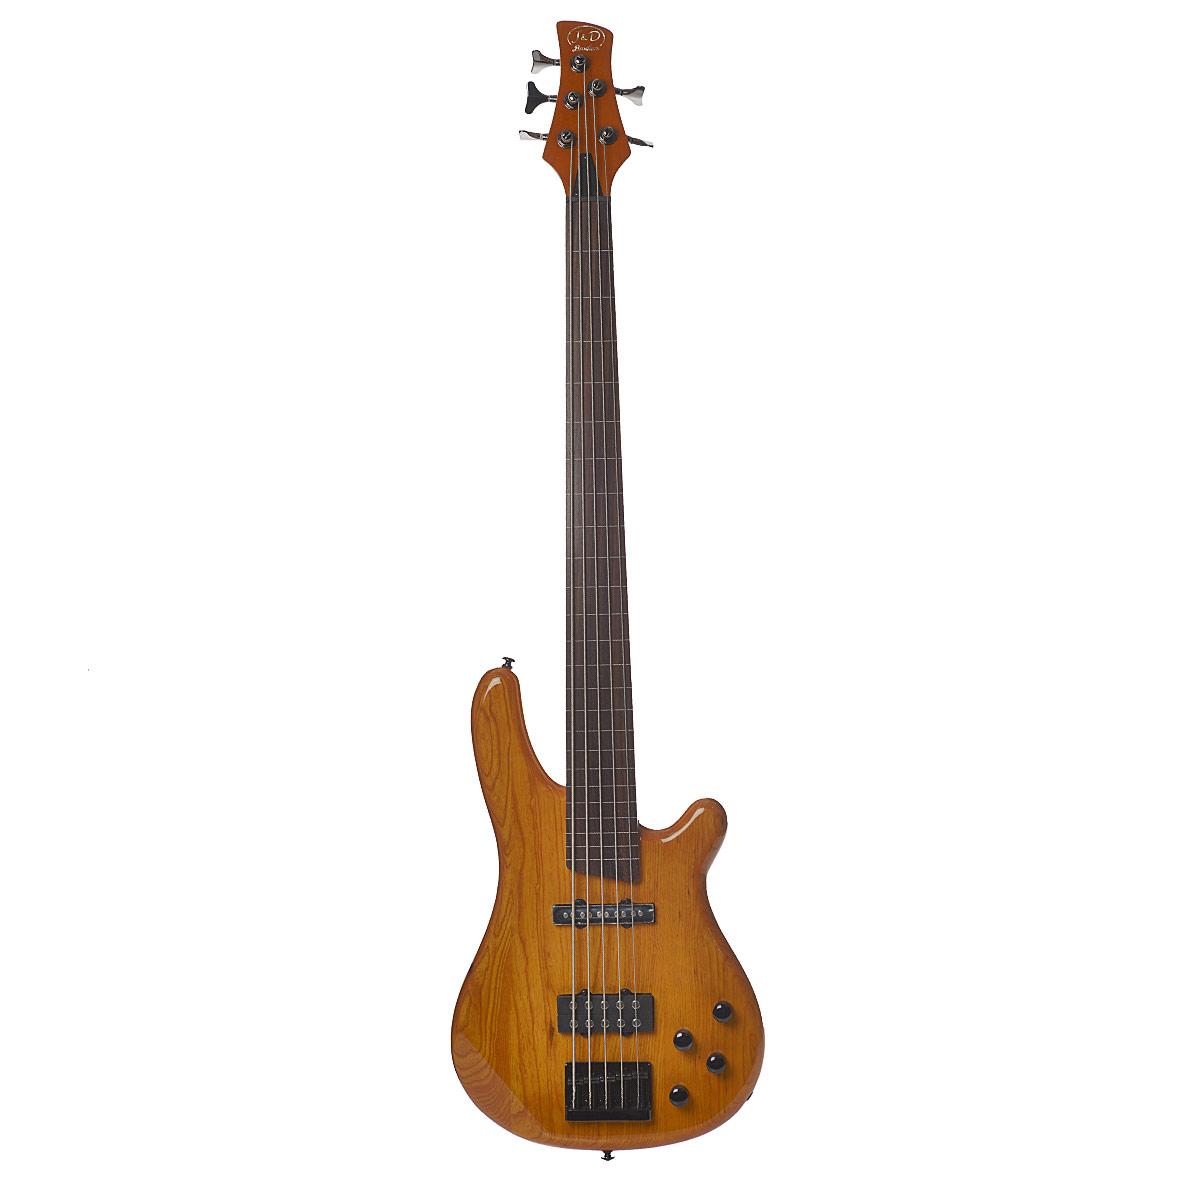 J&D 210-5AMB бас-гитара ( 210-5AMB )